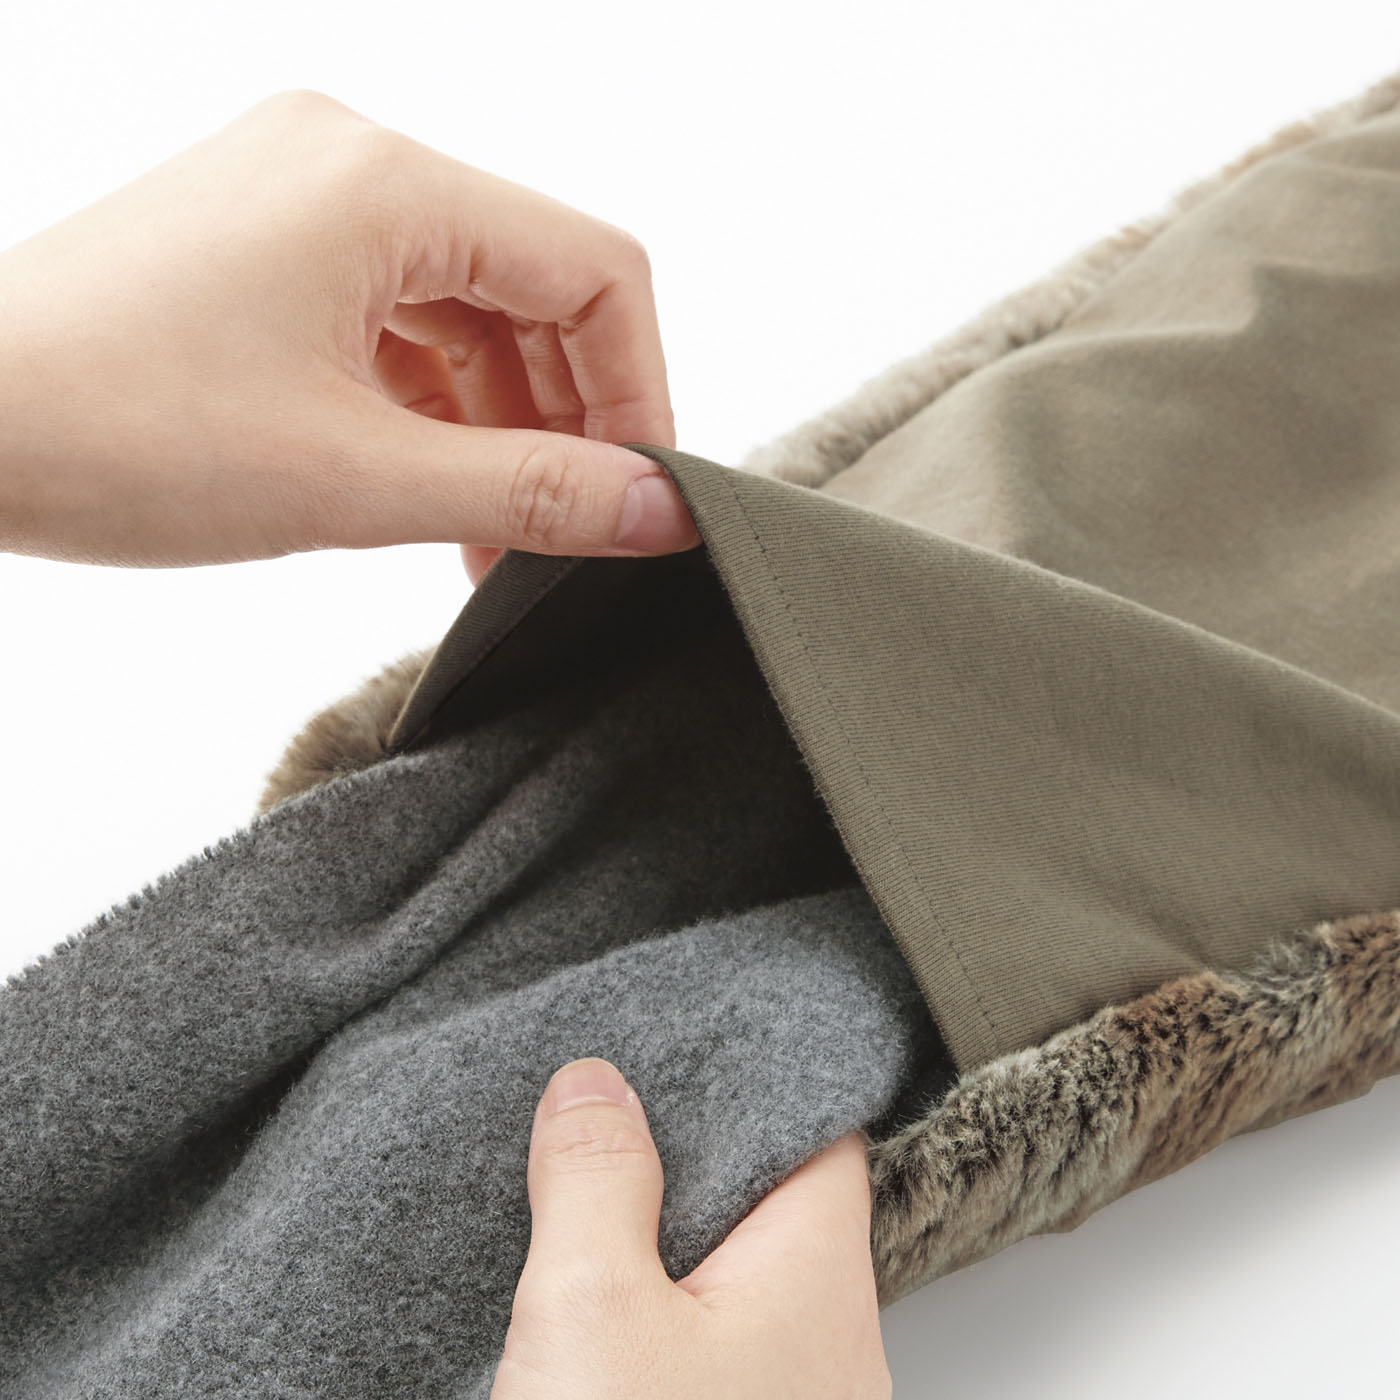 筒状になっているので、お手持ちのマフラーやスカーフを通してアレンジできます。